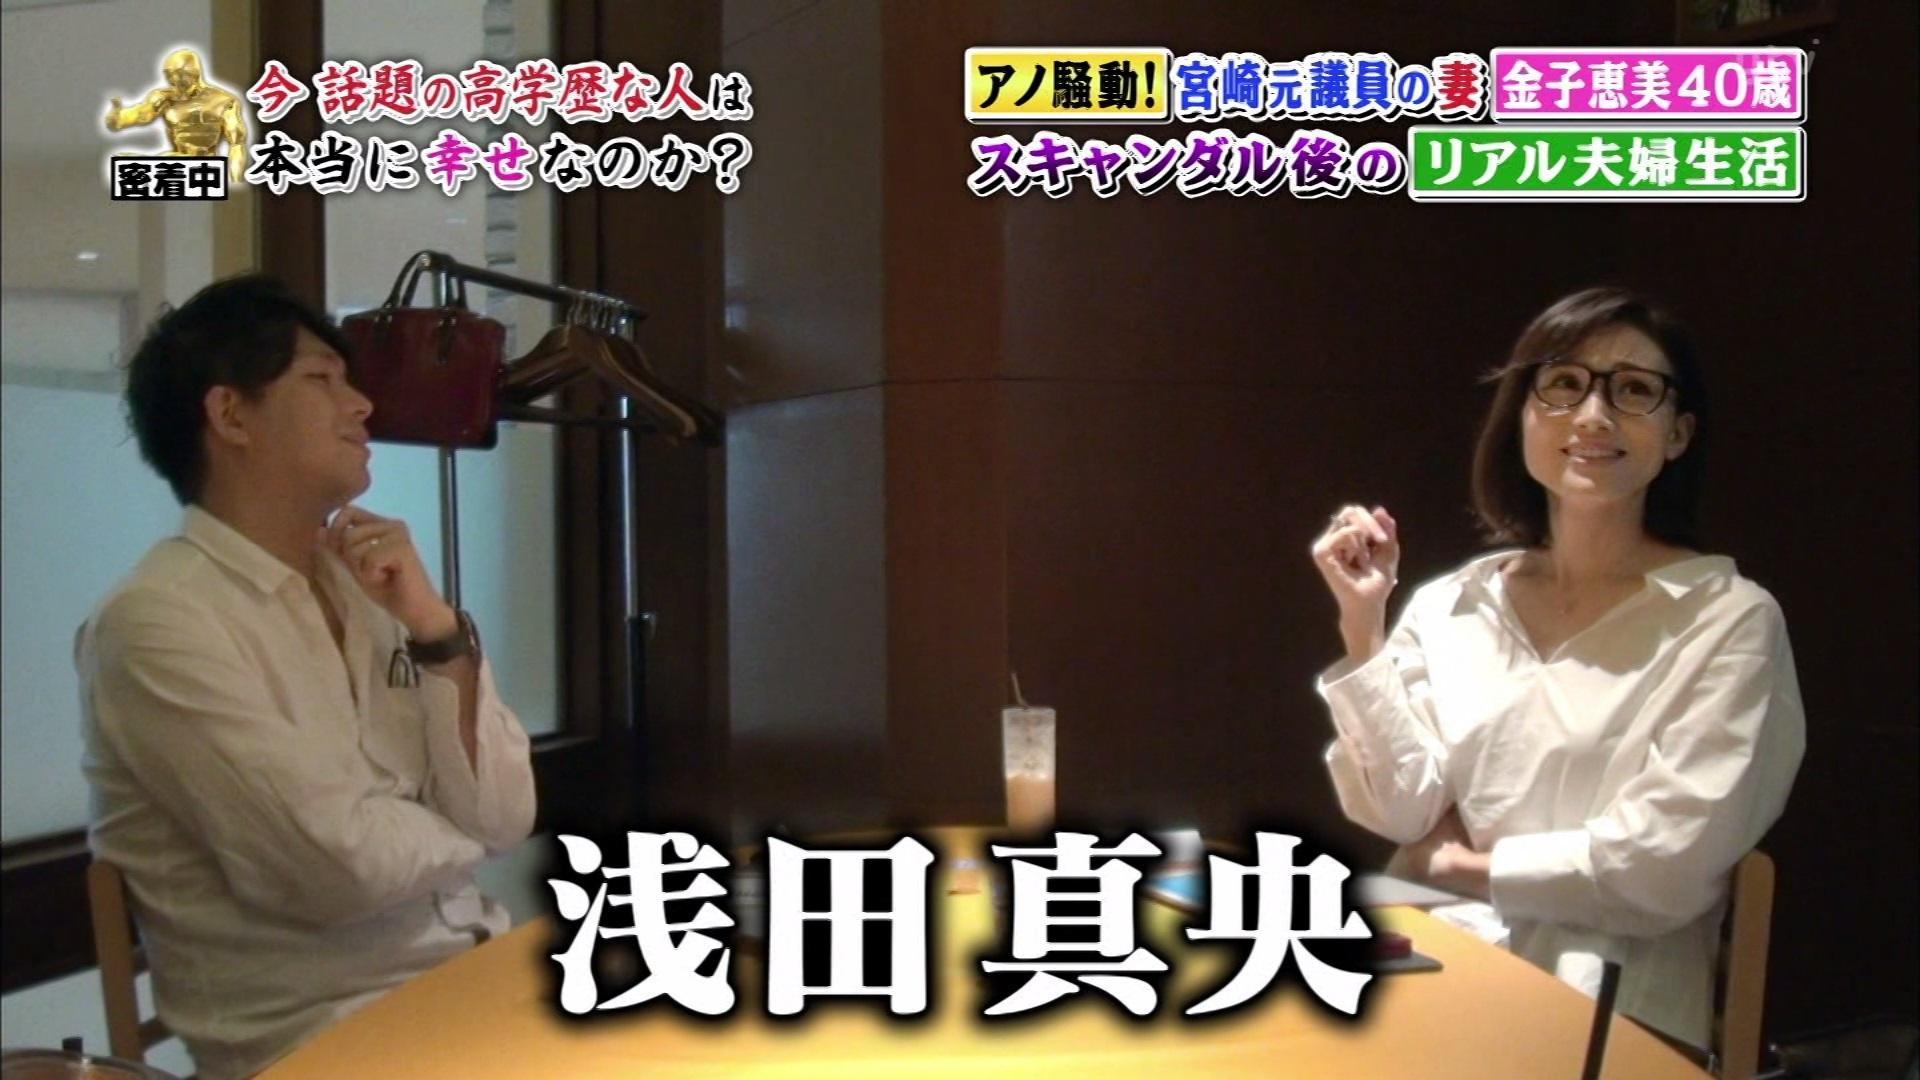 金子恵美さんの深イイ話画像-564